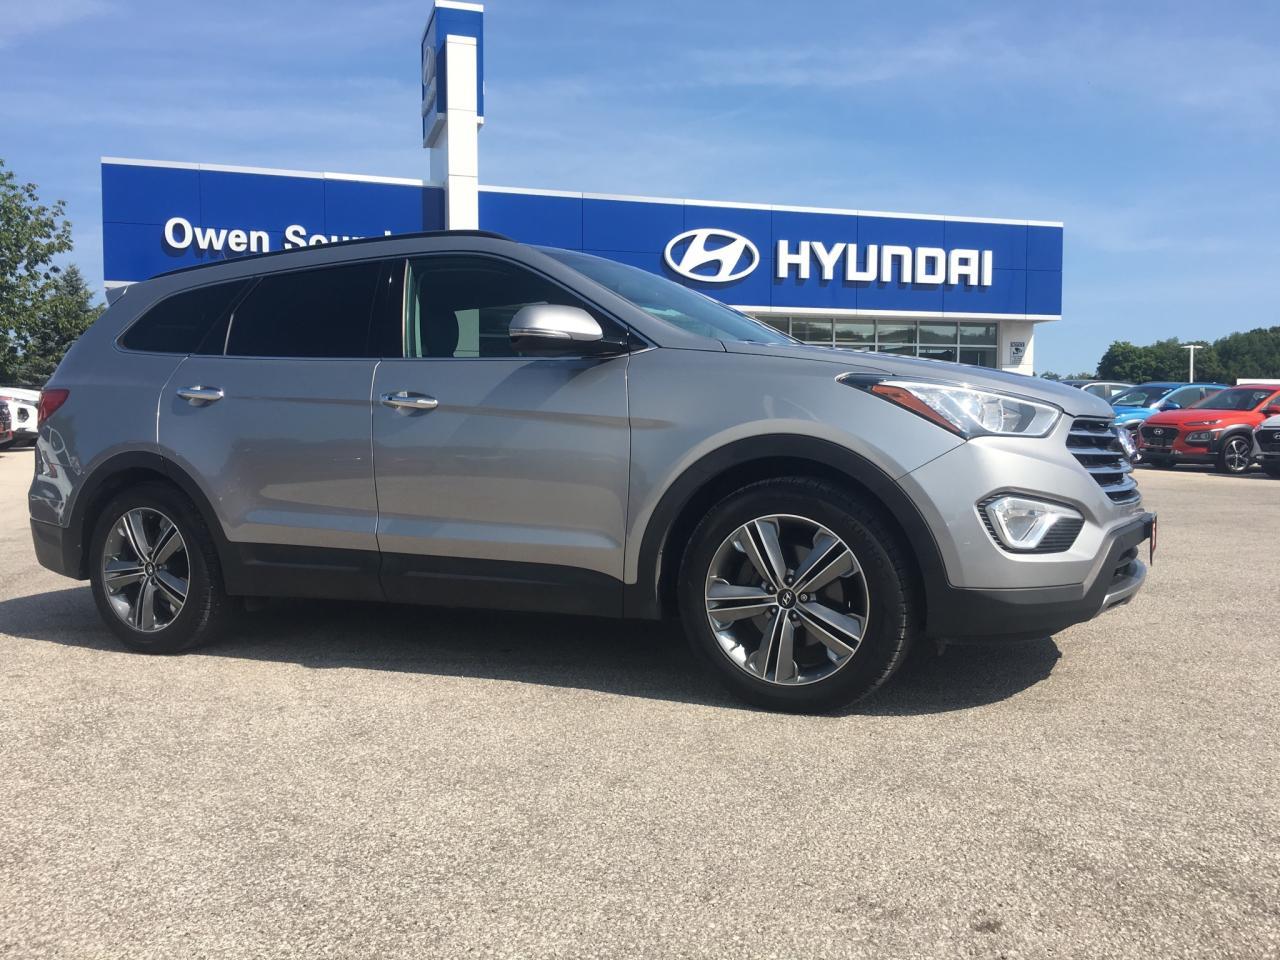 Used 2015 Hyundai Santa Fe Xl Limited For Sale In Owen Sound